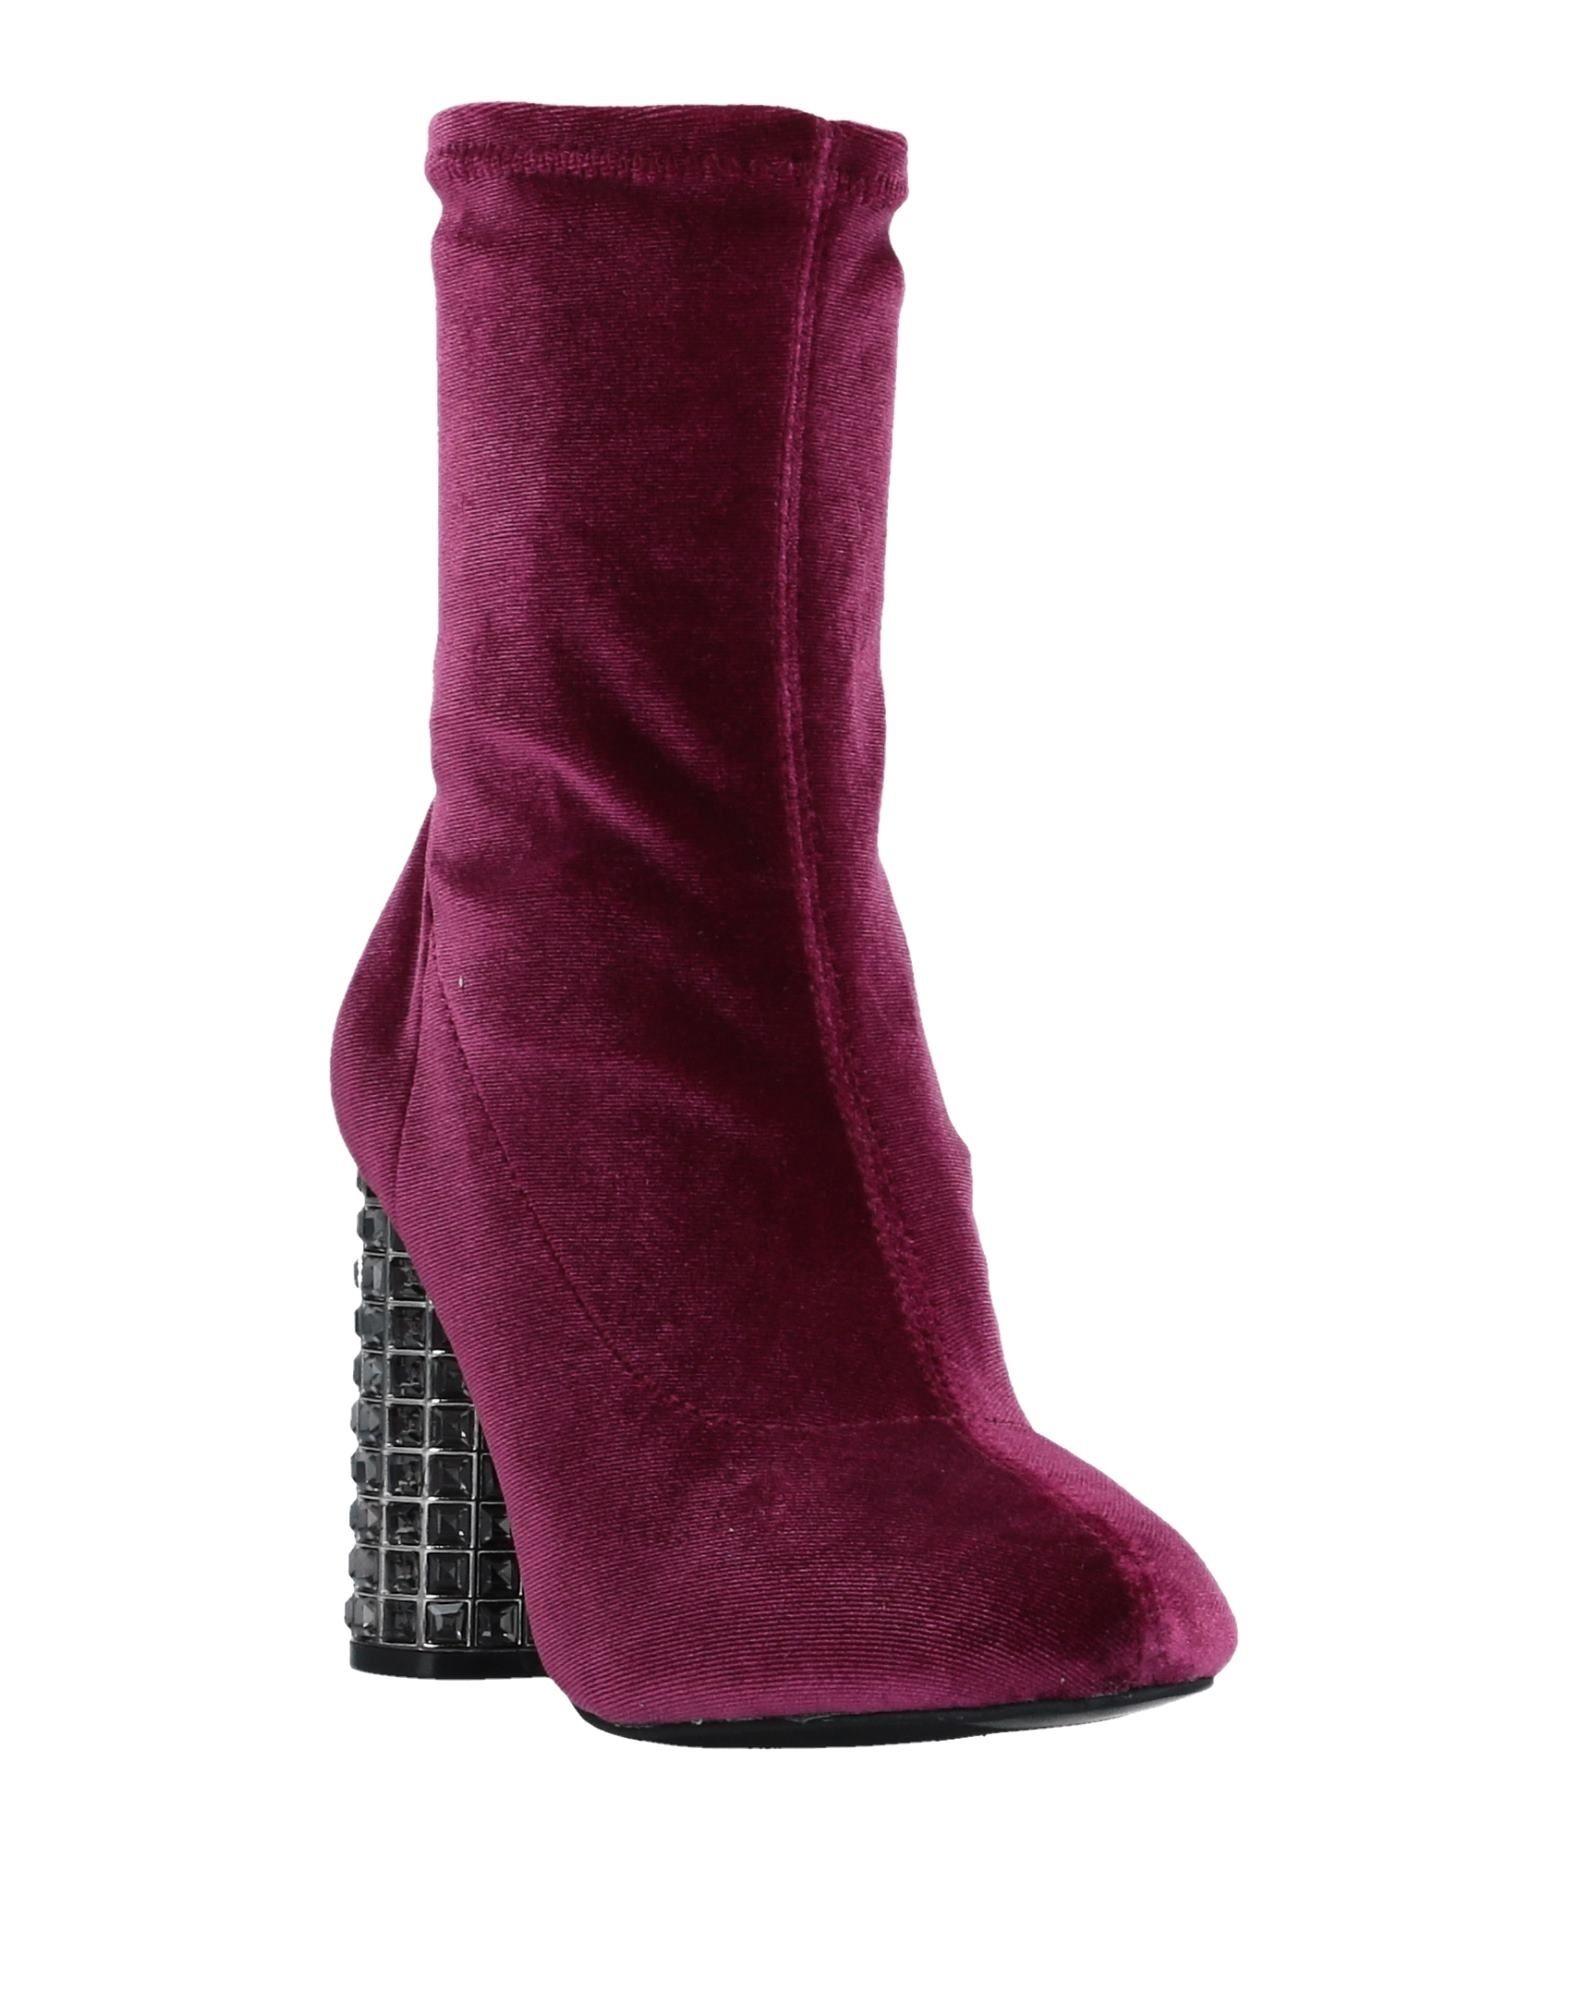 Nina New York Stiefelette Damen  11511469HS Gute Qualität beliebte Schuhe